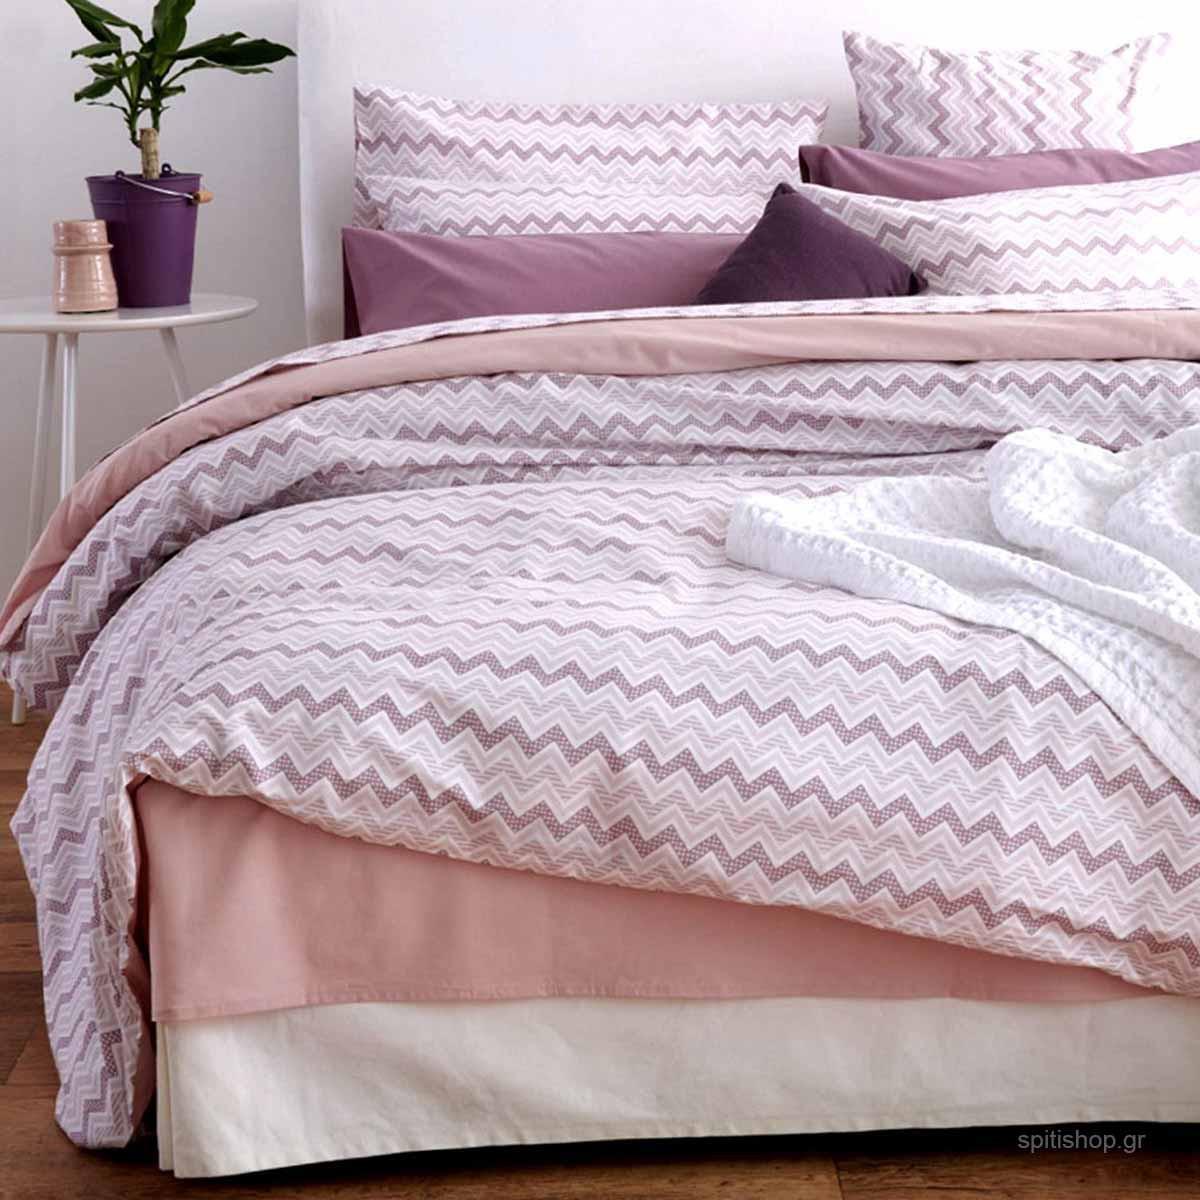 Σεντόνια Υπέρδιπλα (Σετ) Sb Home Waves Pink